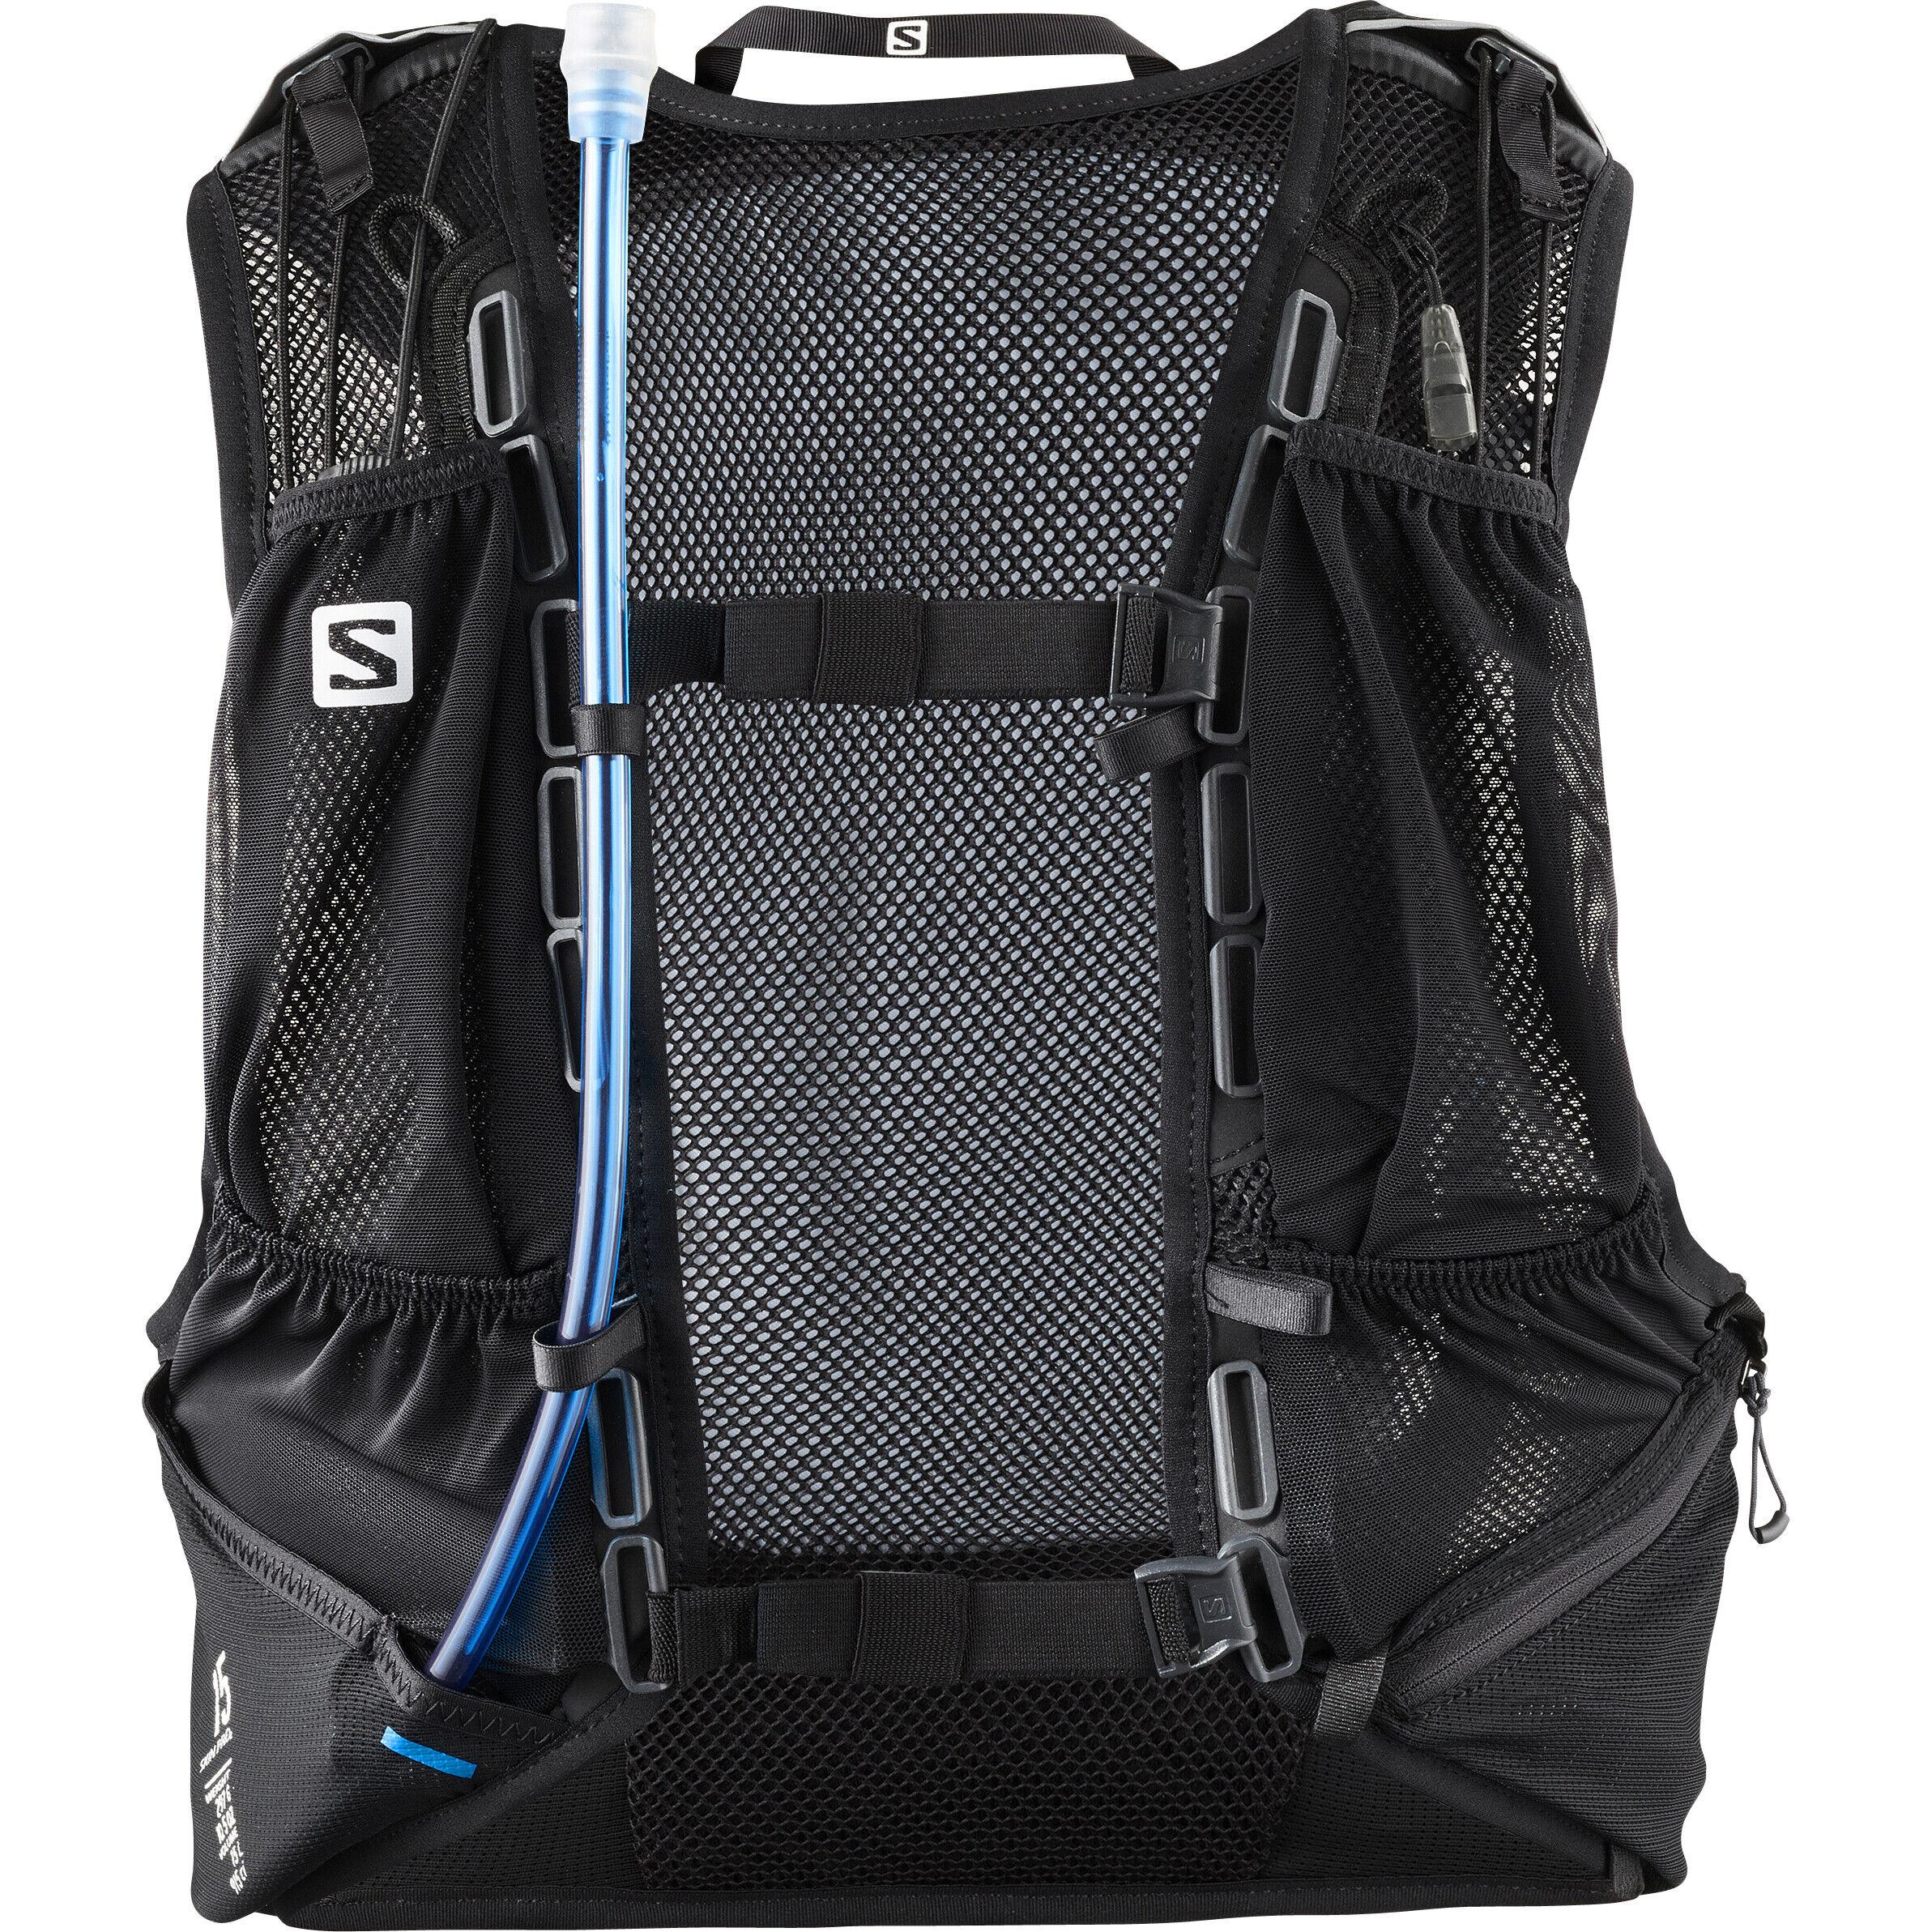 Salomon Skin Pro 15 Set Rucksack blackebony